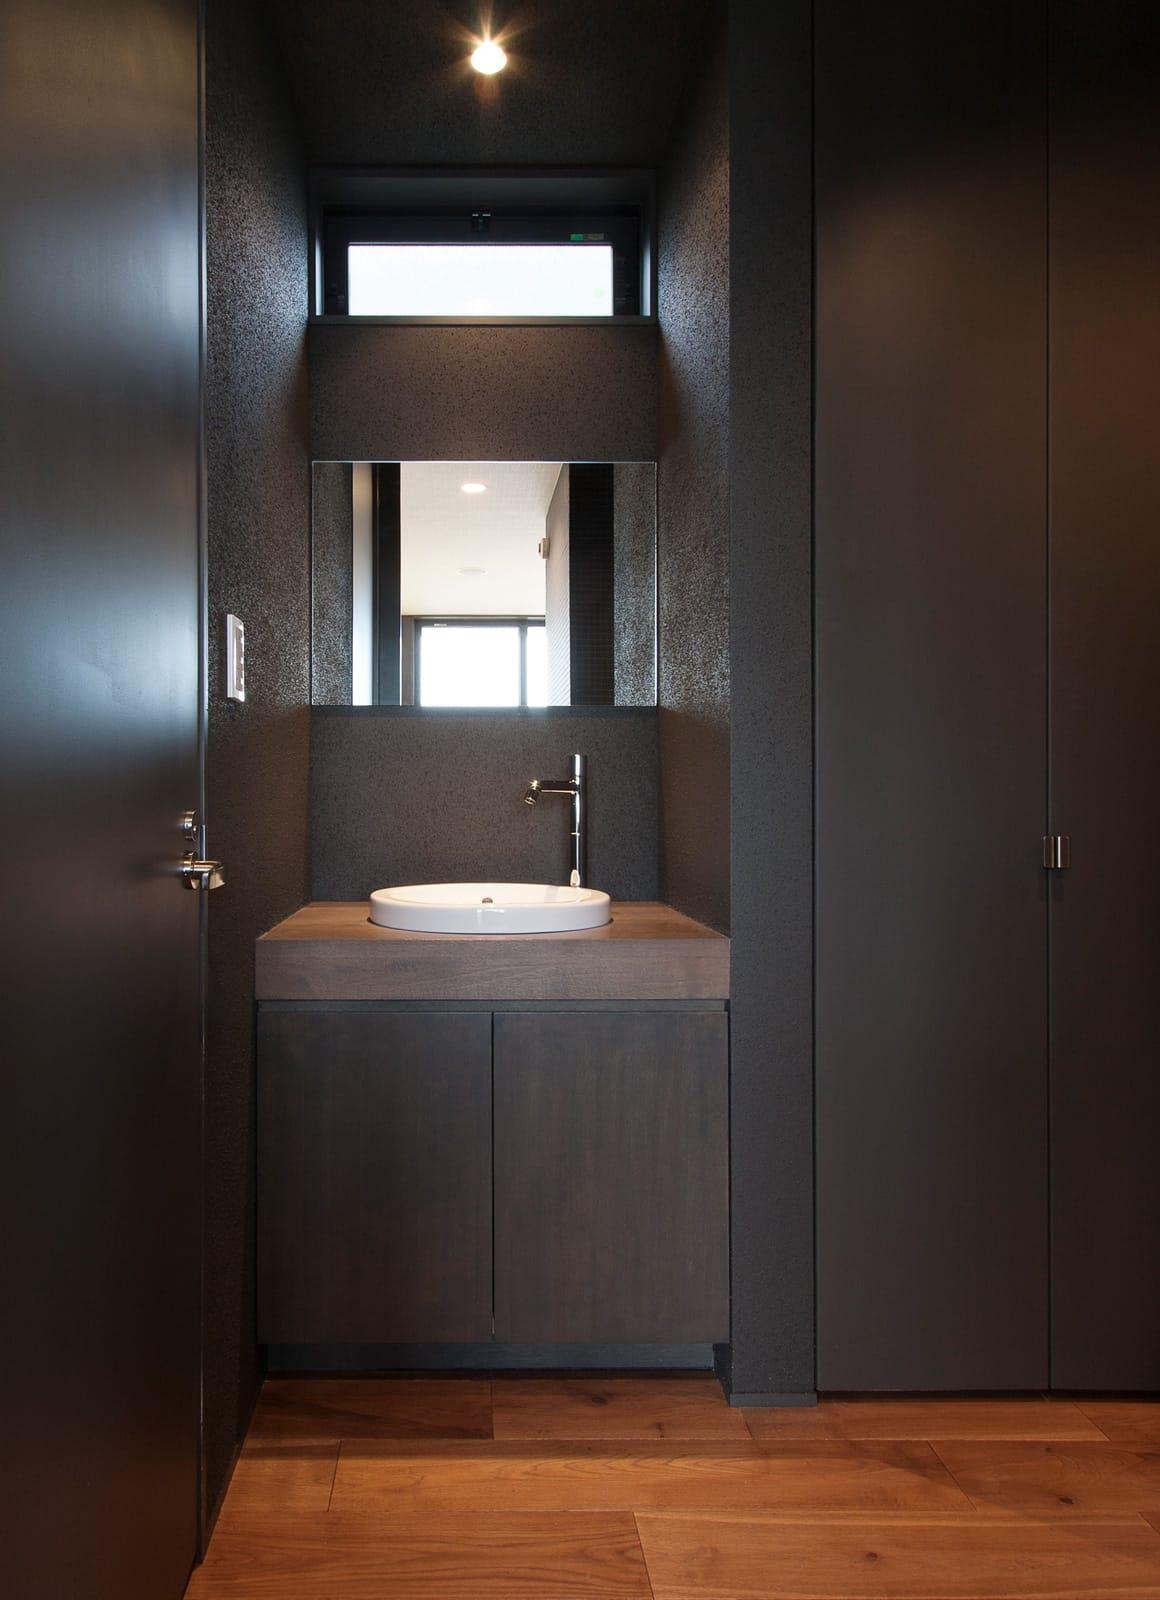 スローライフを楽しめる家の浴室・洗面室2